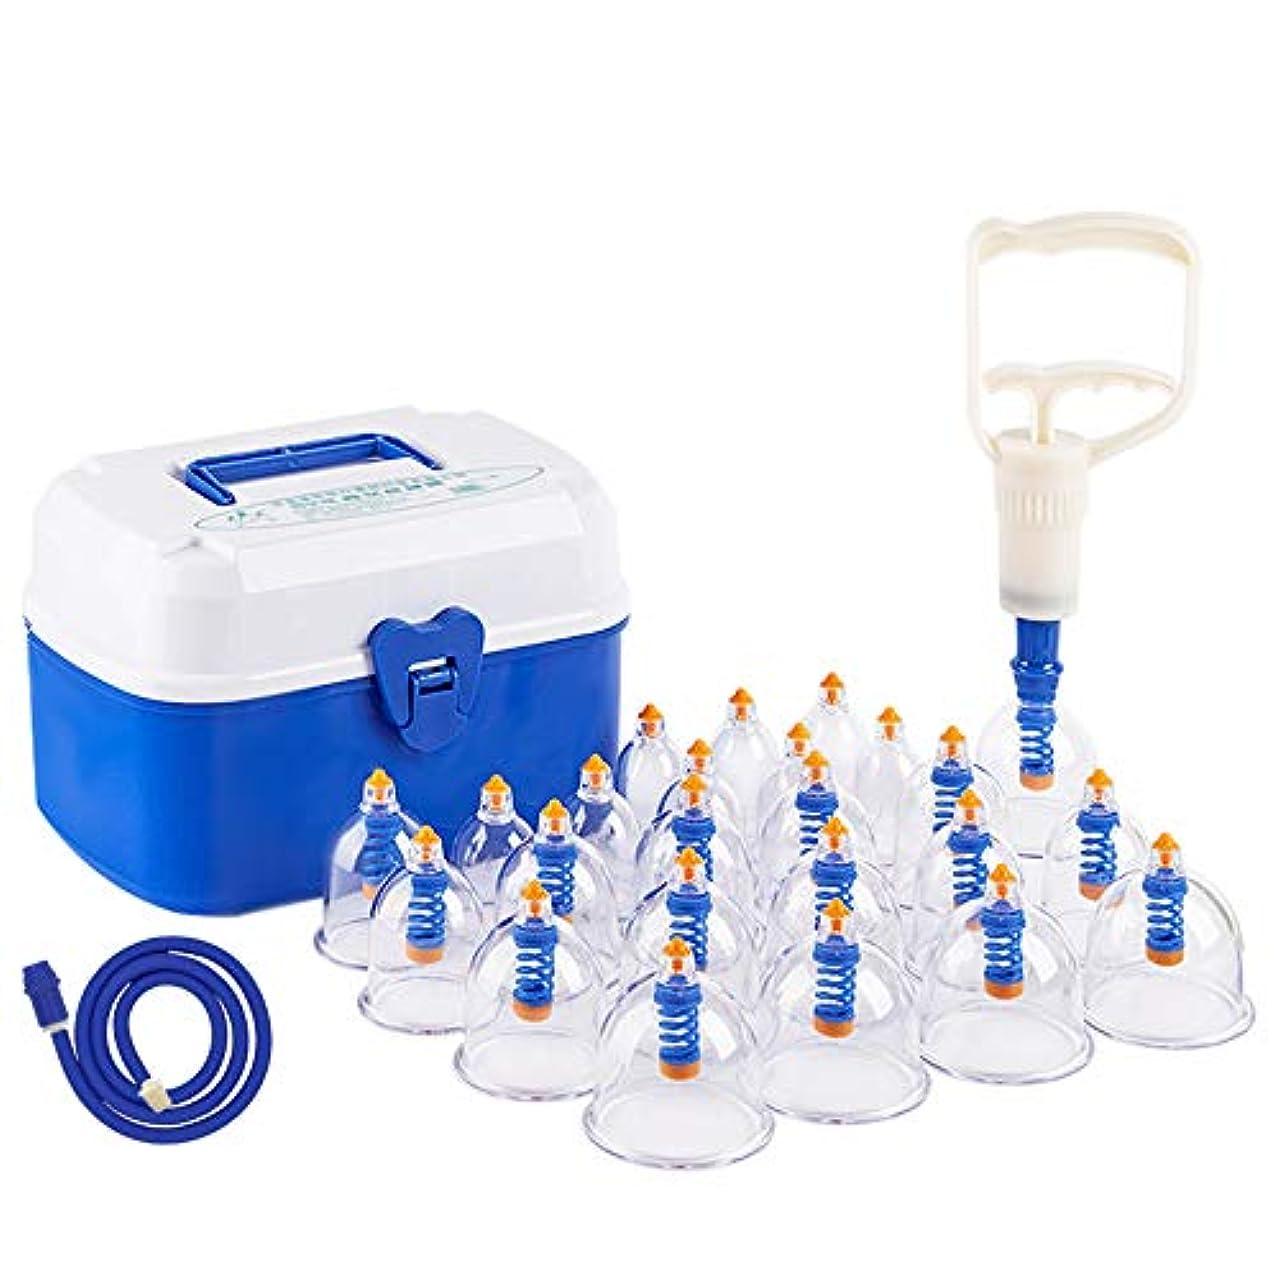 野な確かめる渇き吸い玉カップ カッピング セラピー 真空ポンプ付き 吸玉脂肪吸引 康祝 関節と筋肉痛救済 セルライト治療